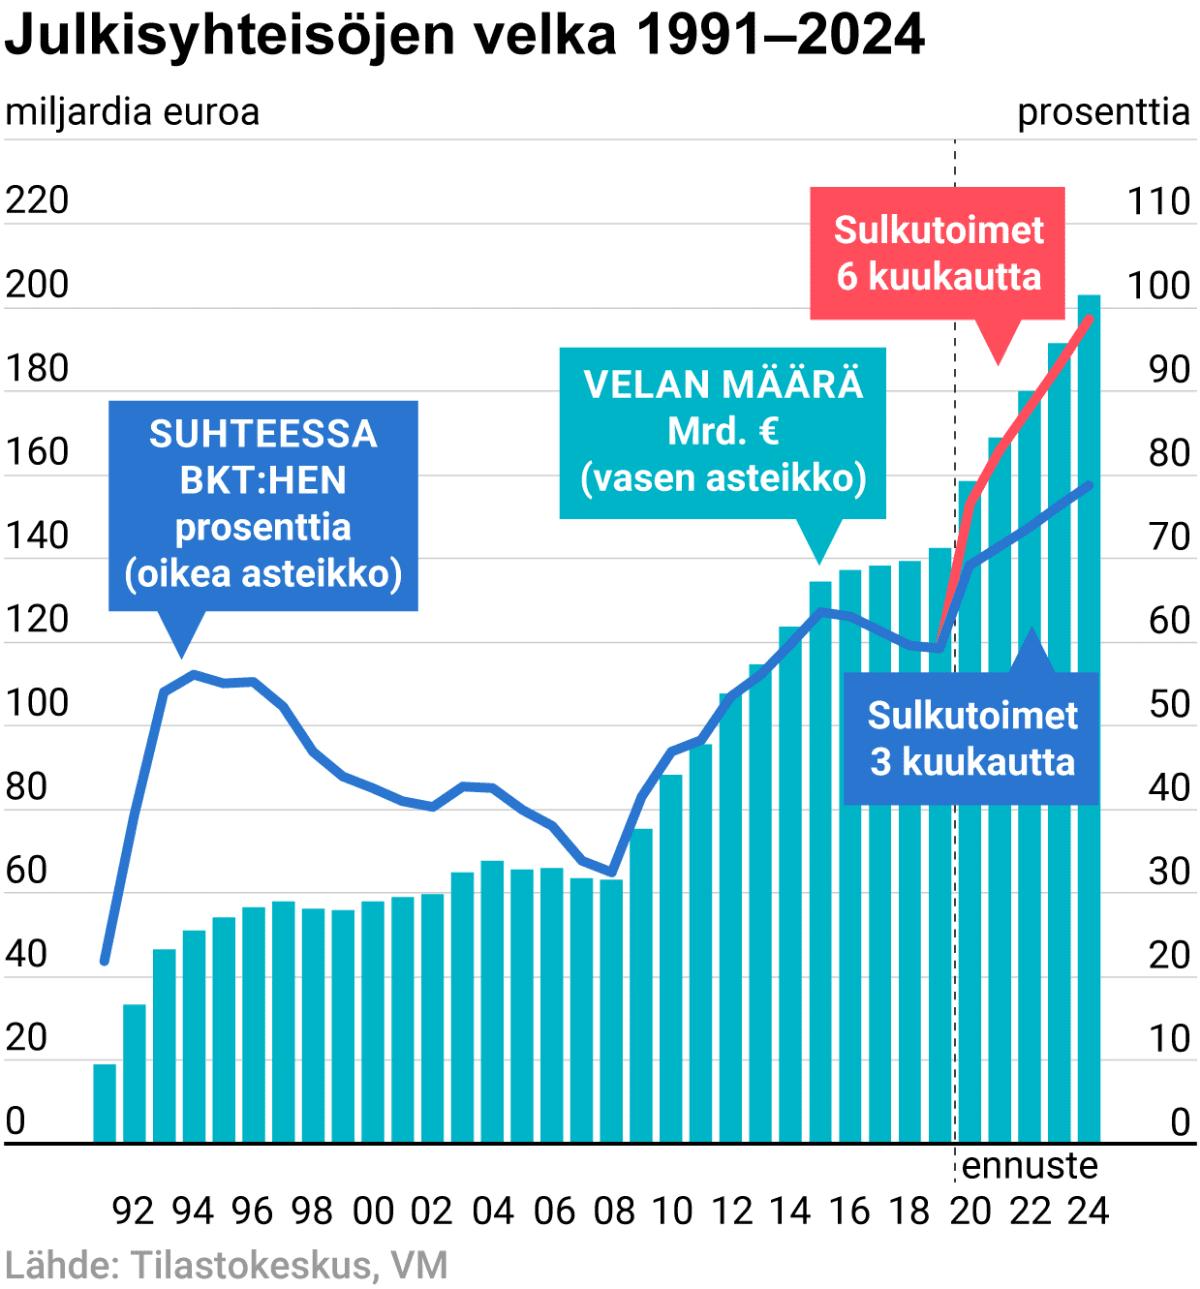 Julkisyhteisöjen velka 1991–2024